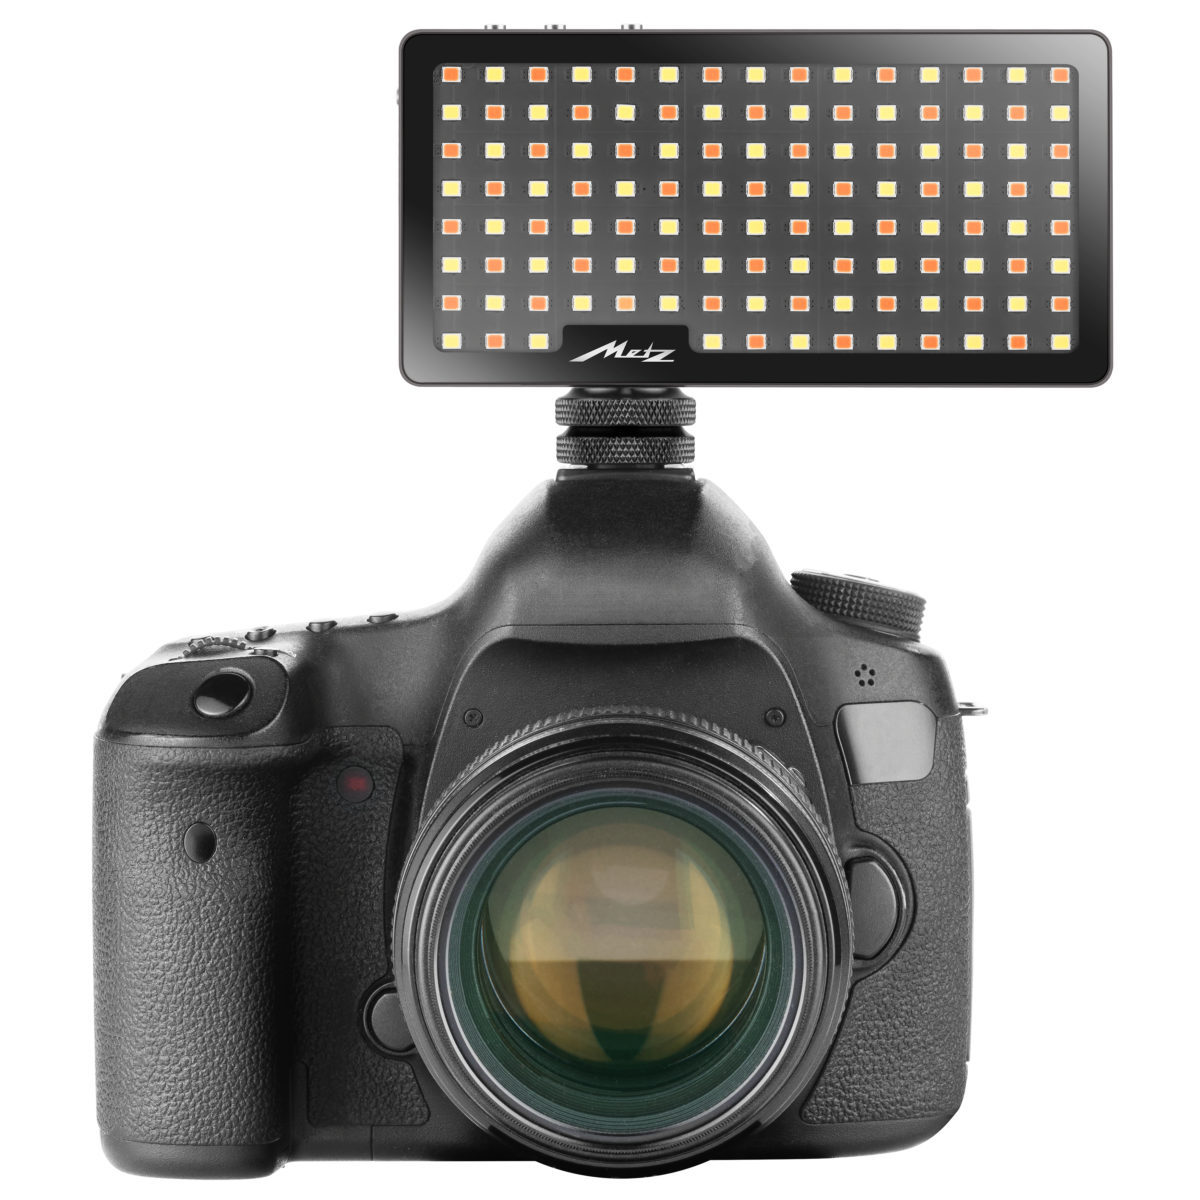 LED-Leuchte im Smartphone-Format